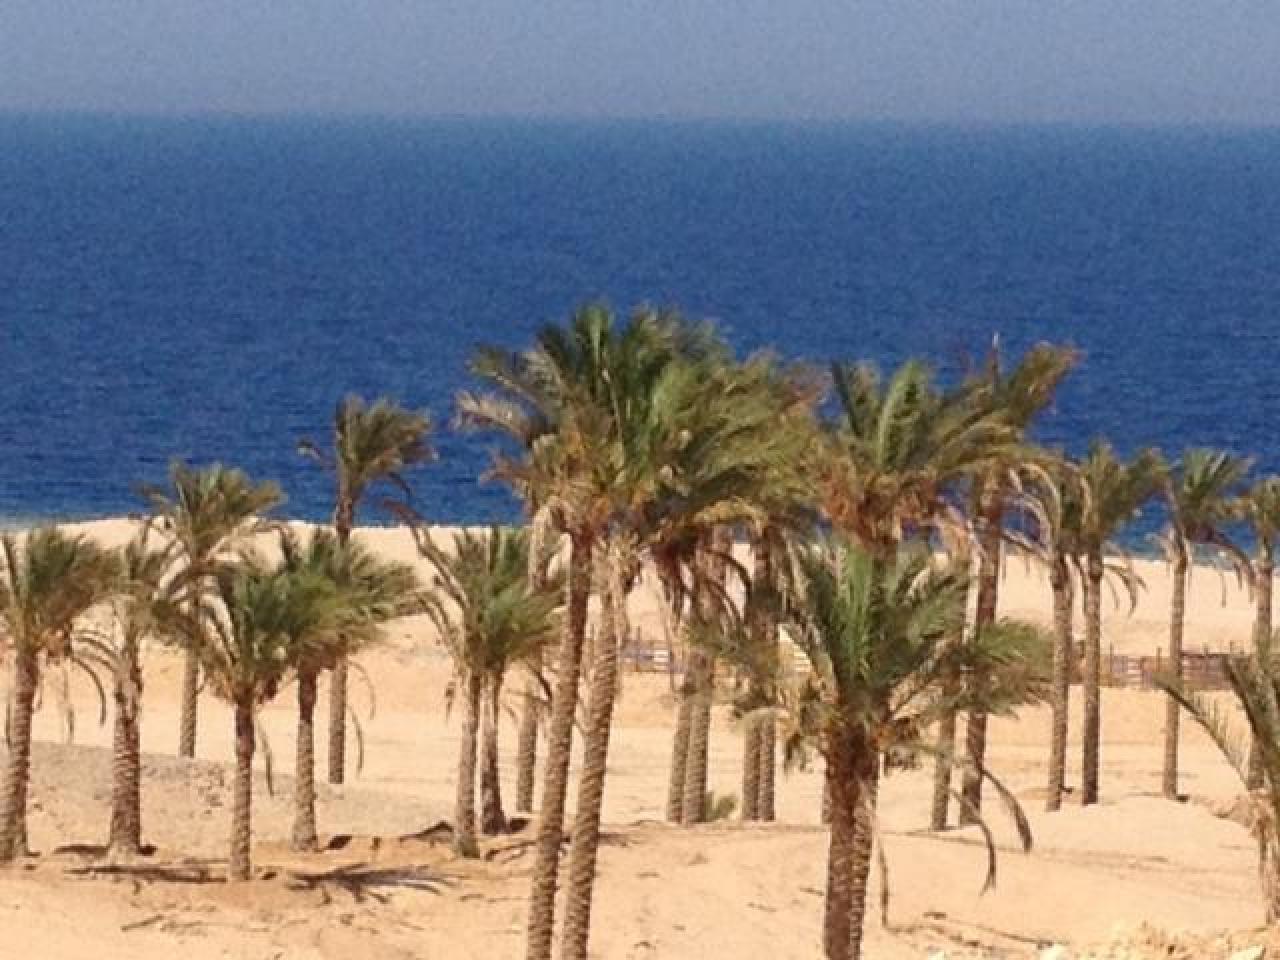 Недвижимость на берегу Красного моря, Хургада, Египет - 5